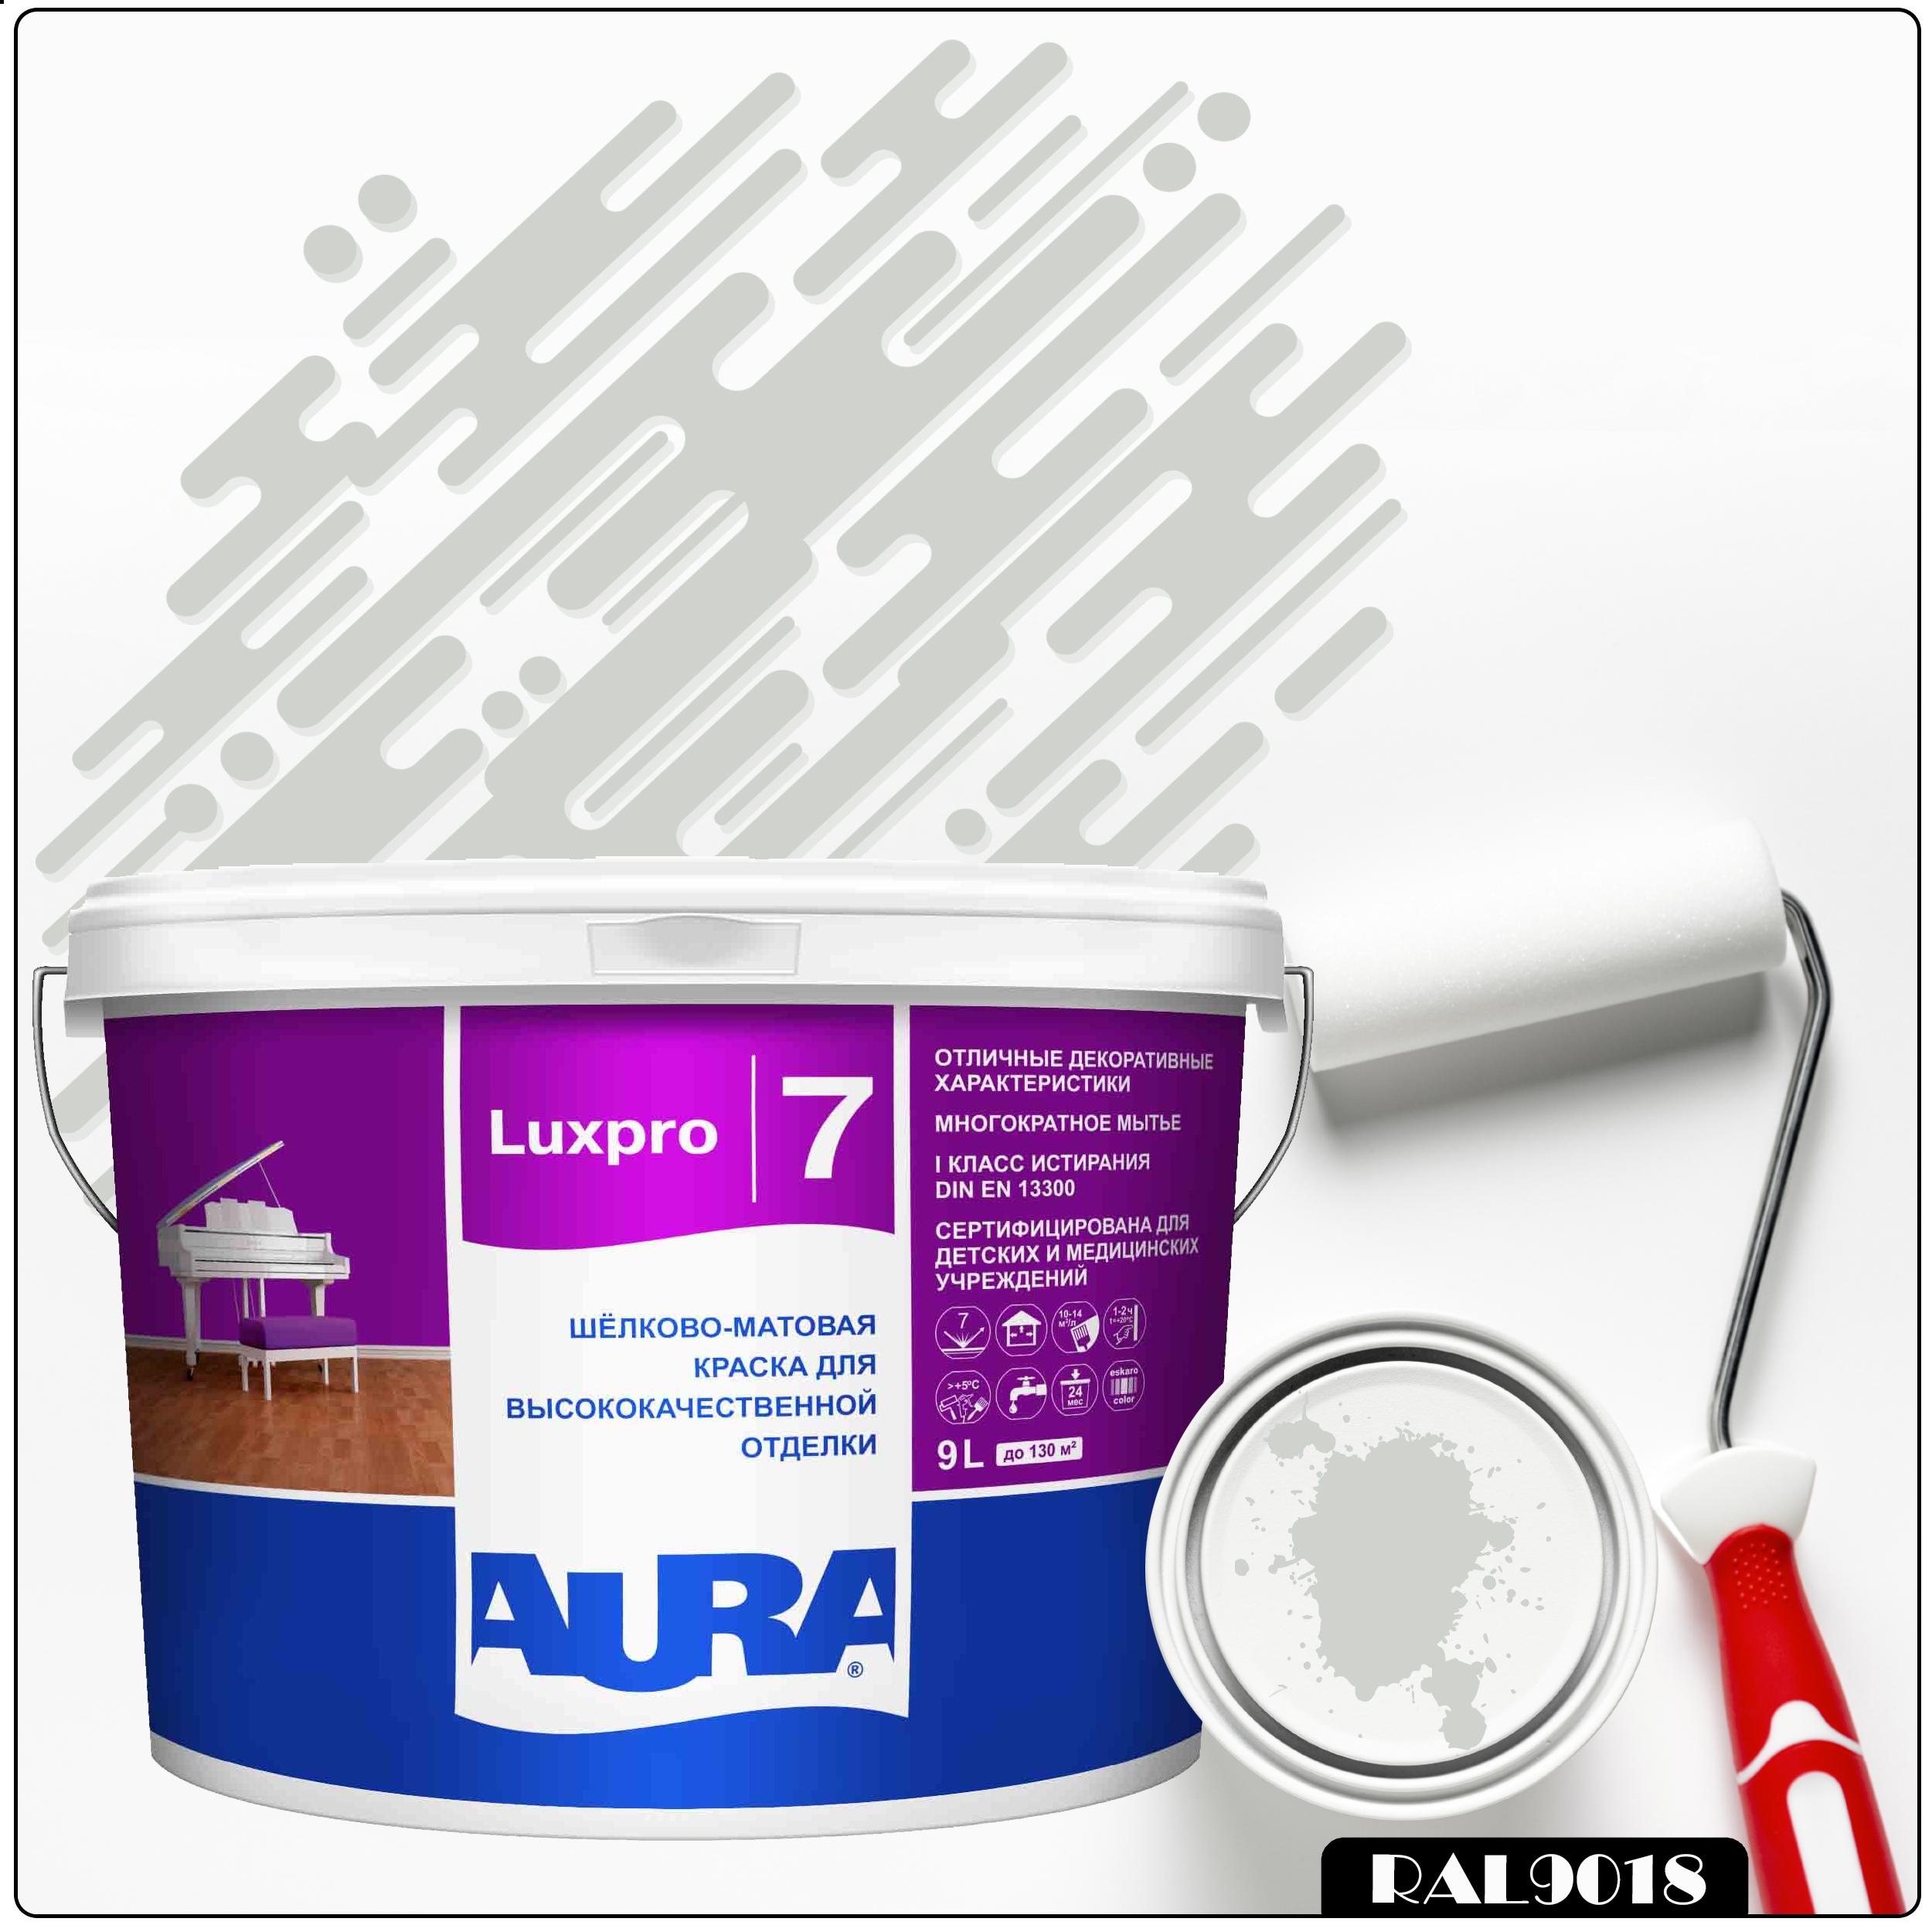 Фото 10 - Краска Aura LuxPRO 7, RAL 9018 Белый папирус, латексная, шелково-матовая, интерьерная, 9л, Аура.